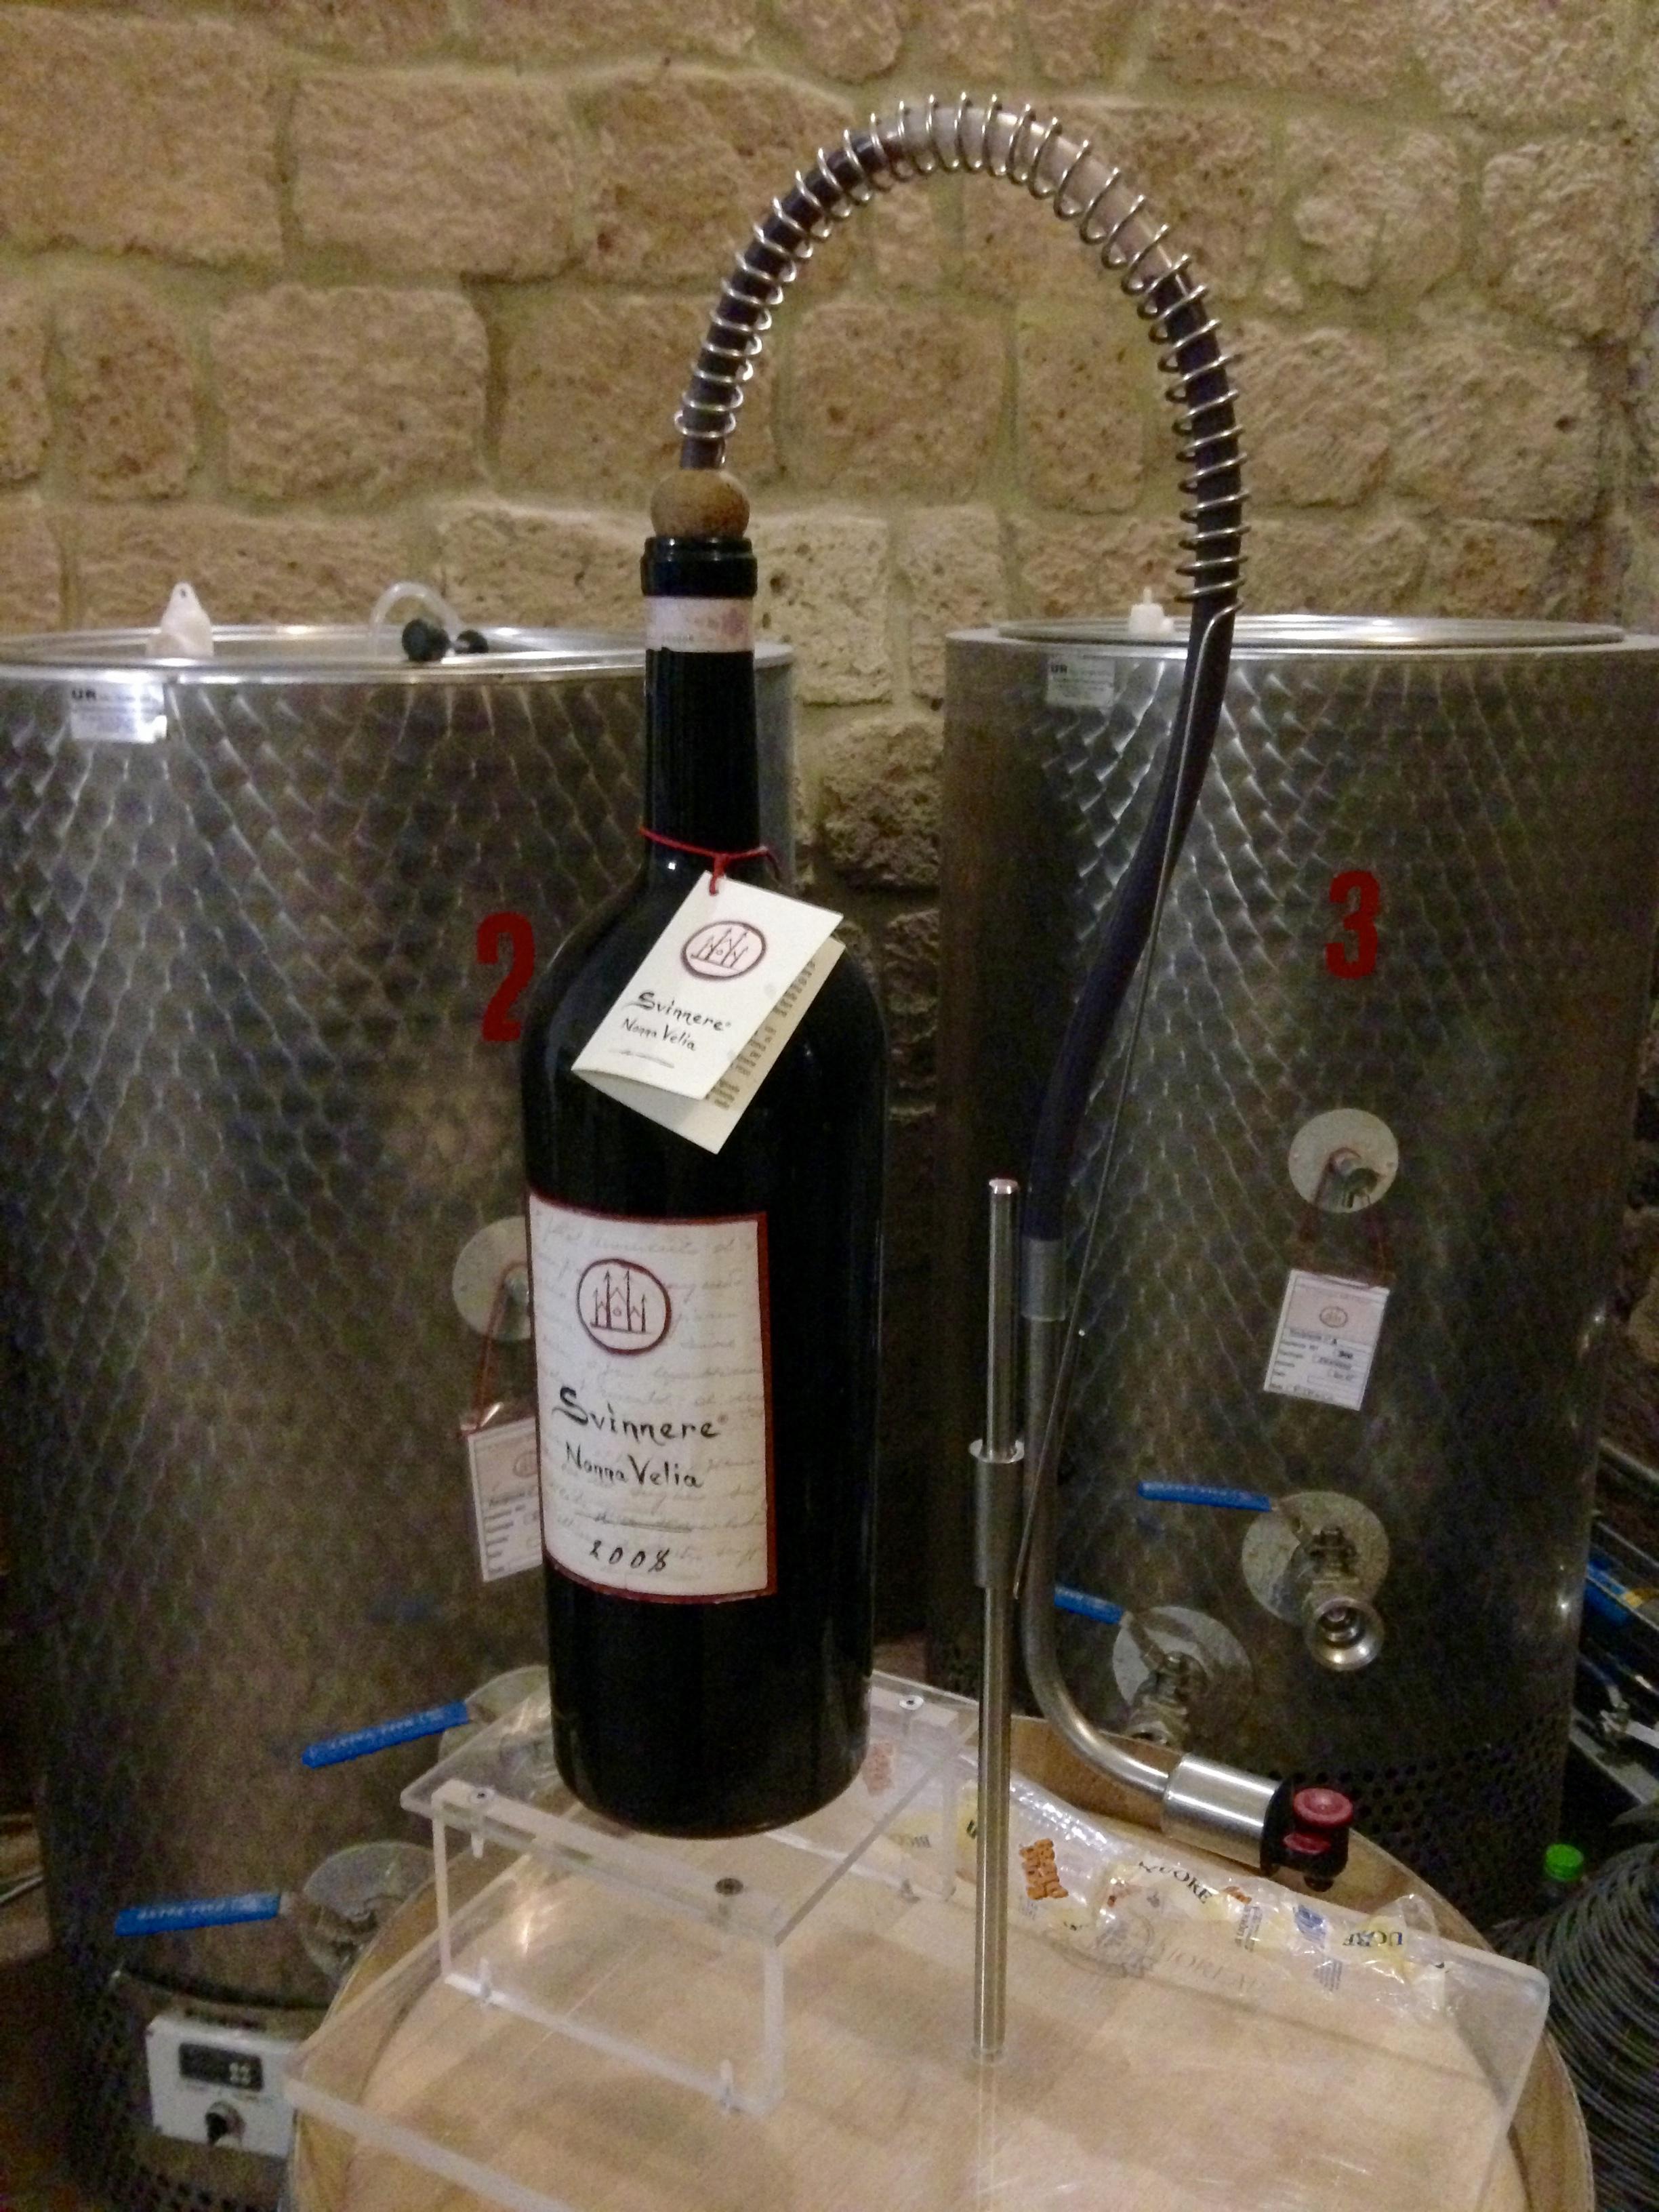 Svinnere Cherry Wine